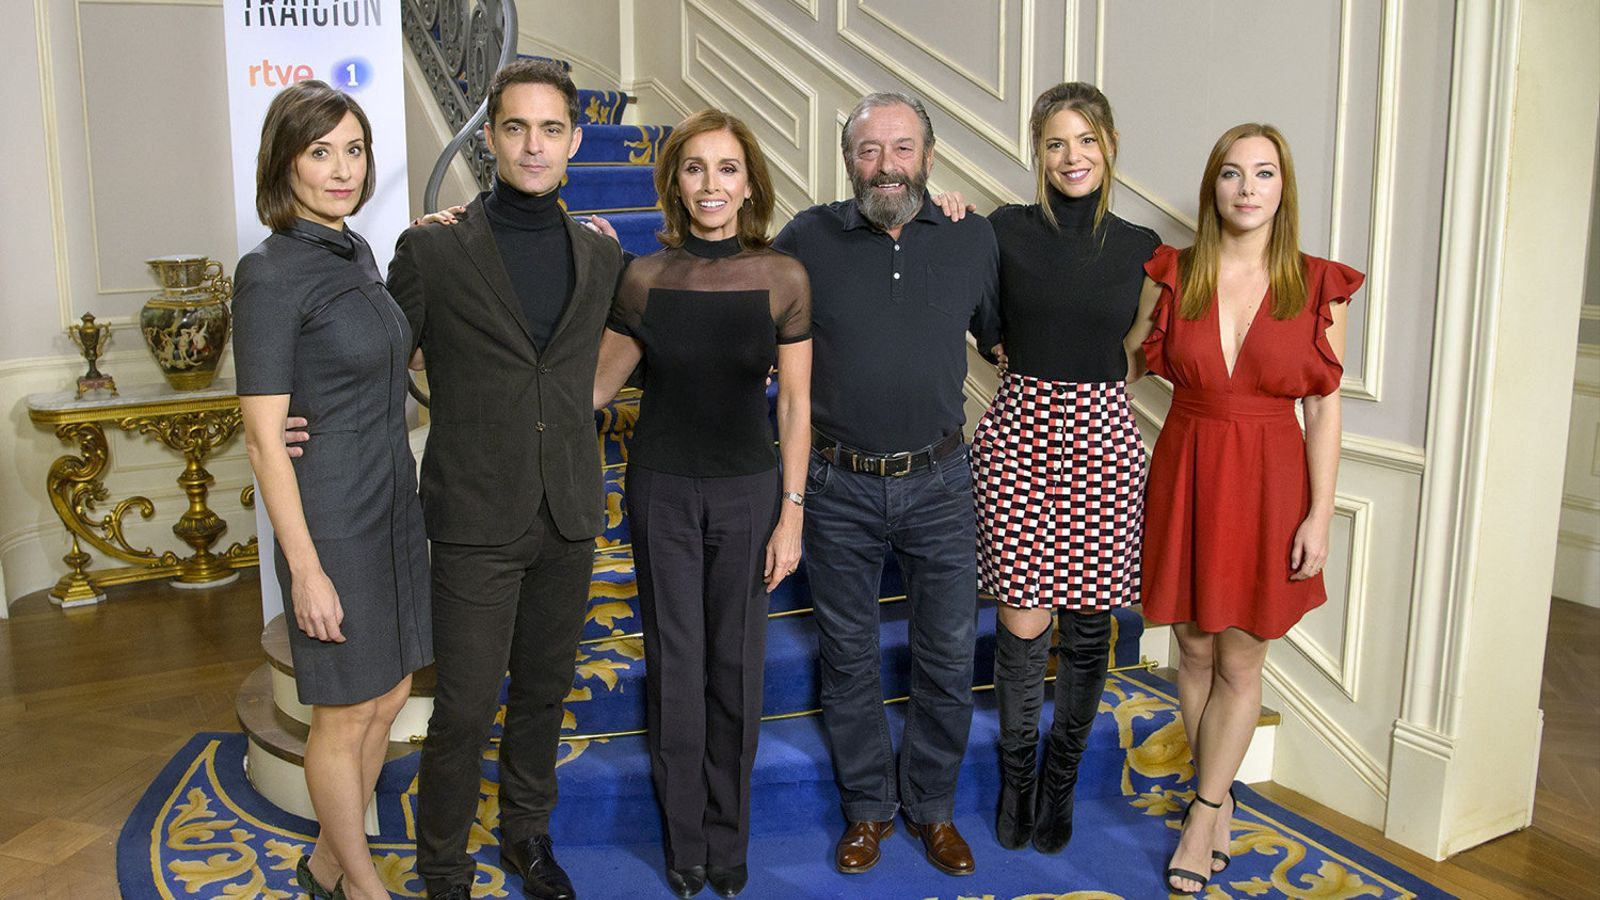 Ana Belén torna a la televisió amb la sèrie de La 1 'Traición'